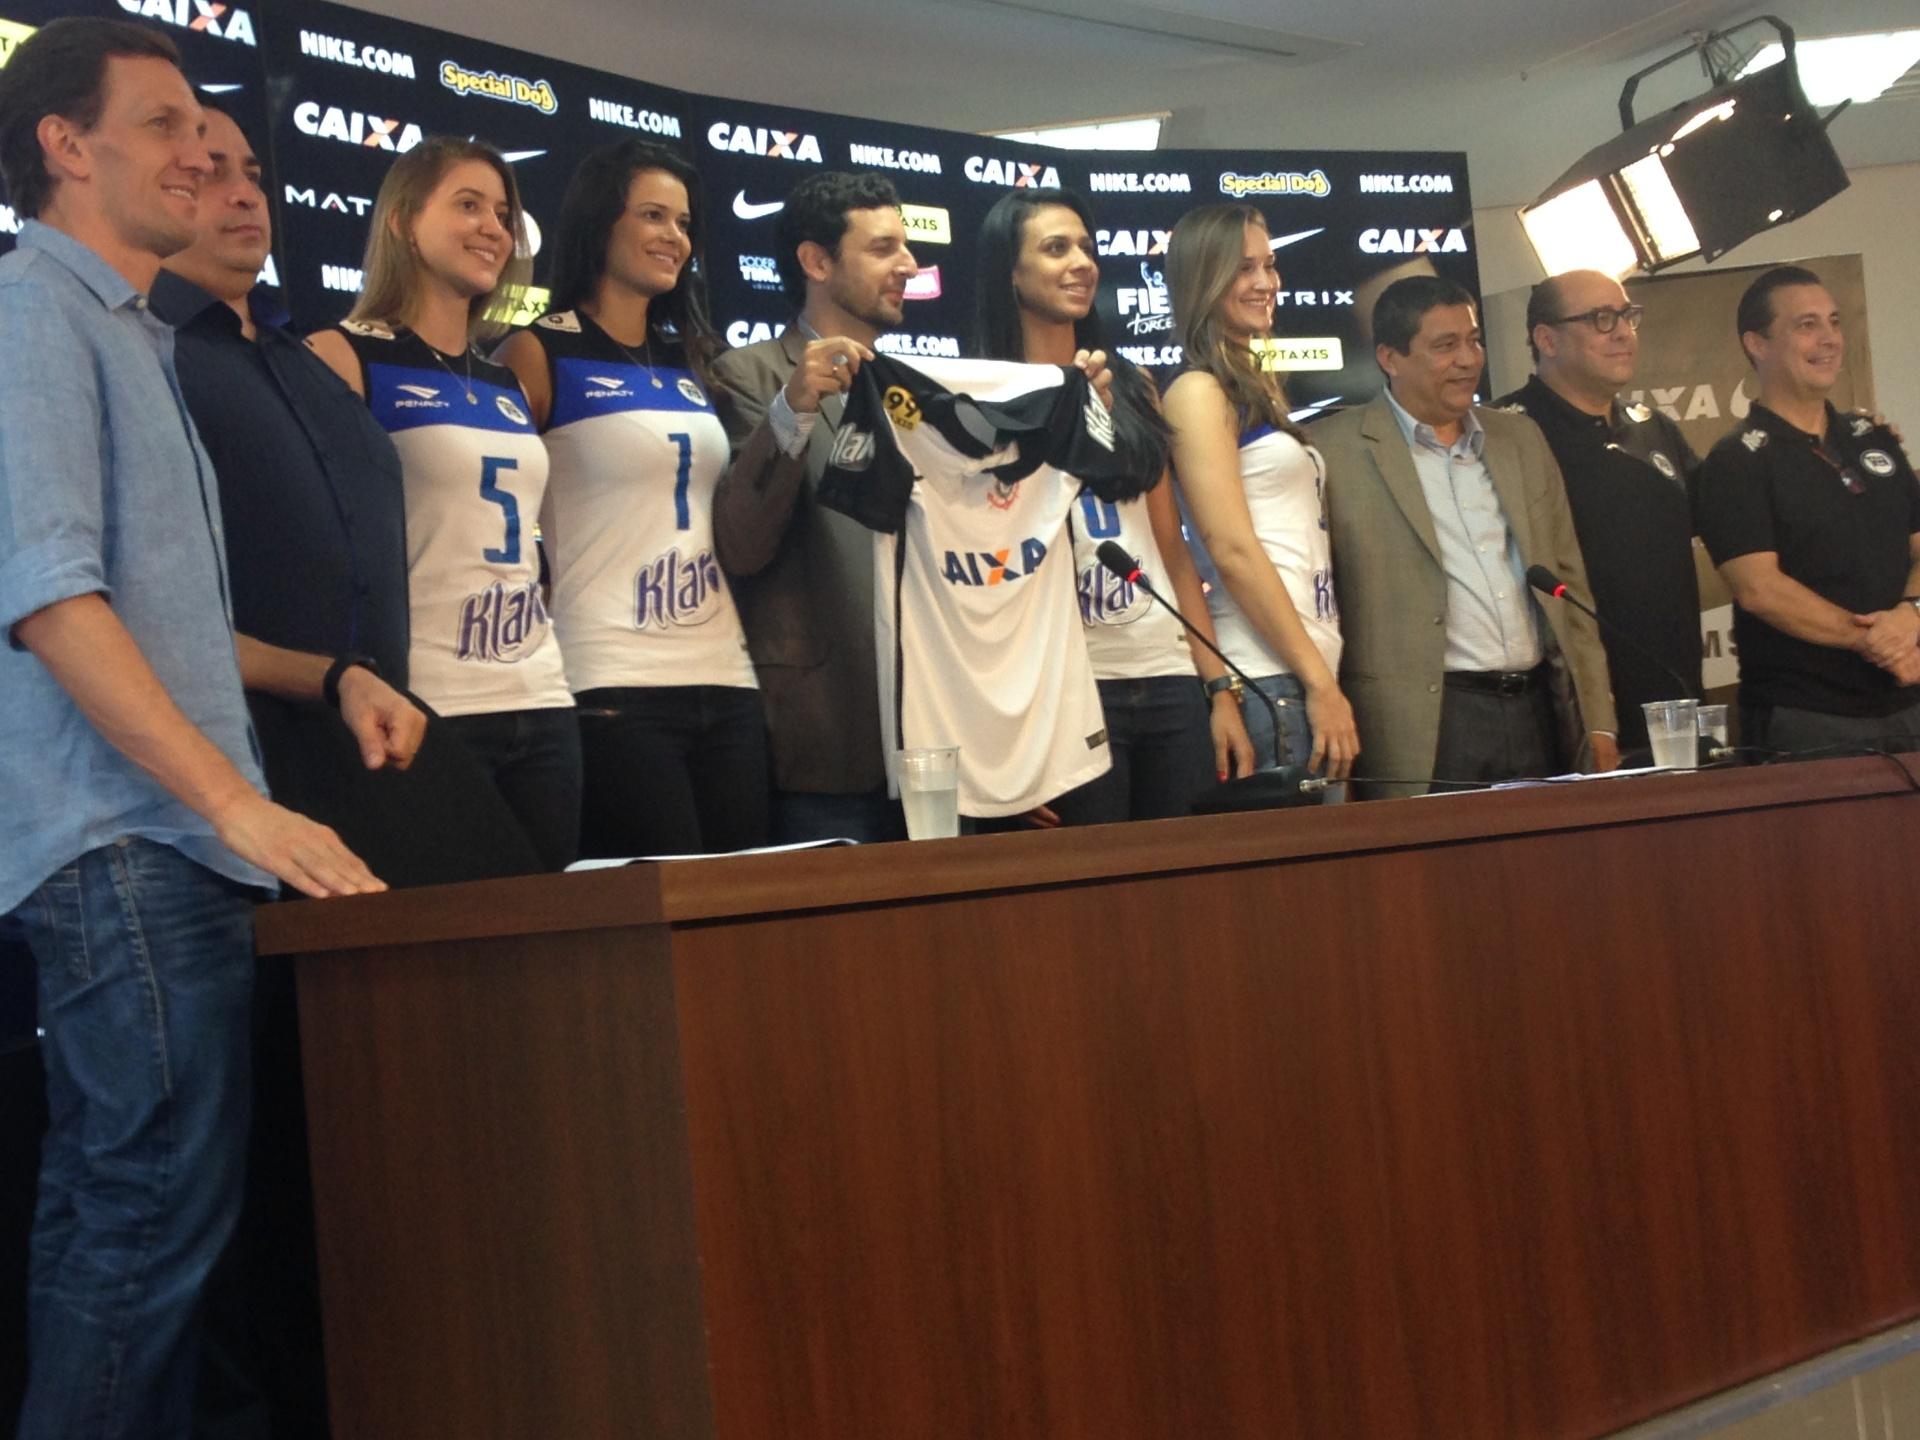 Corinthians anuncia novo patrocínio e pode ter rodízio de marcas na camisa  - 02 12 2015 - UOL Esporte f9c2118fc5386